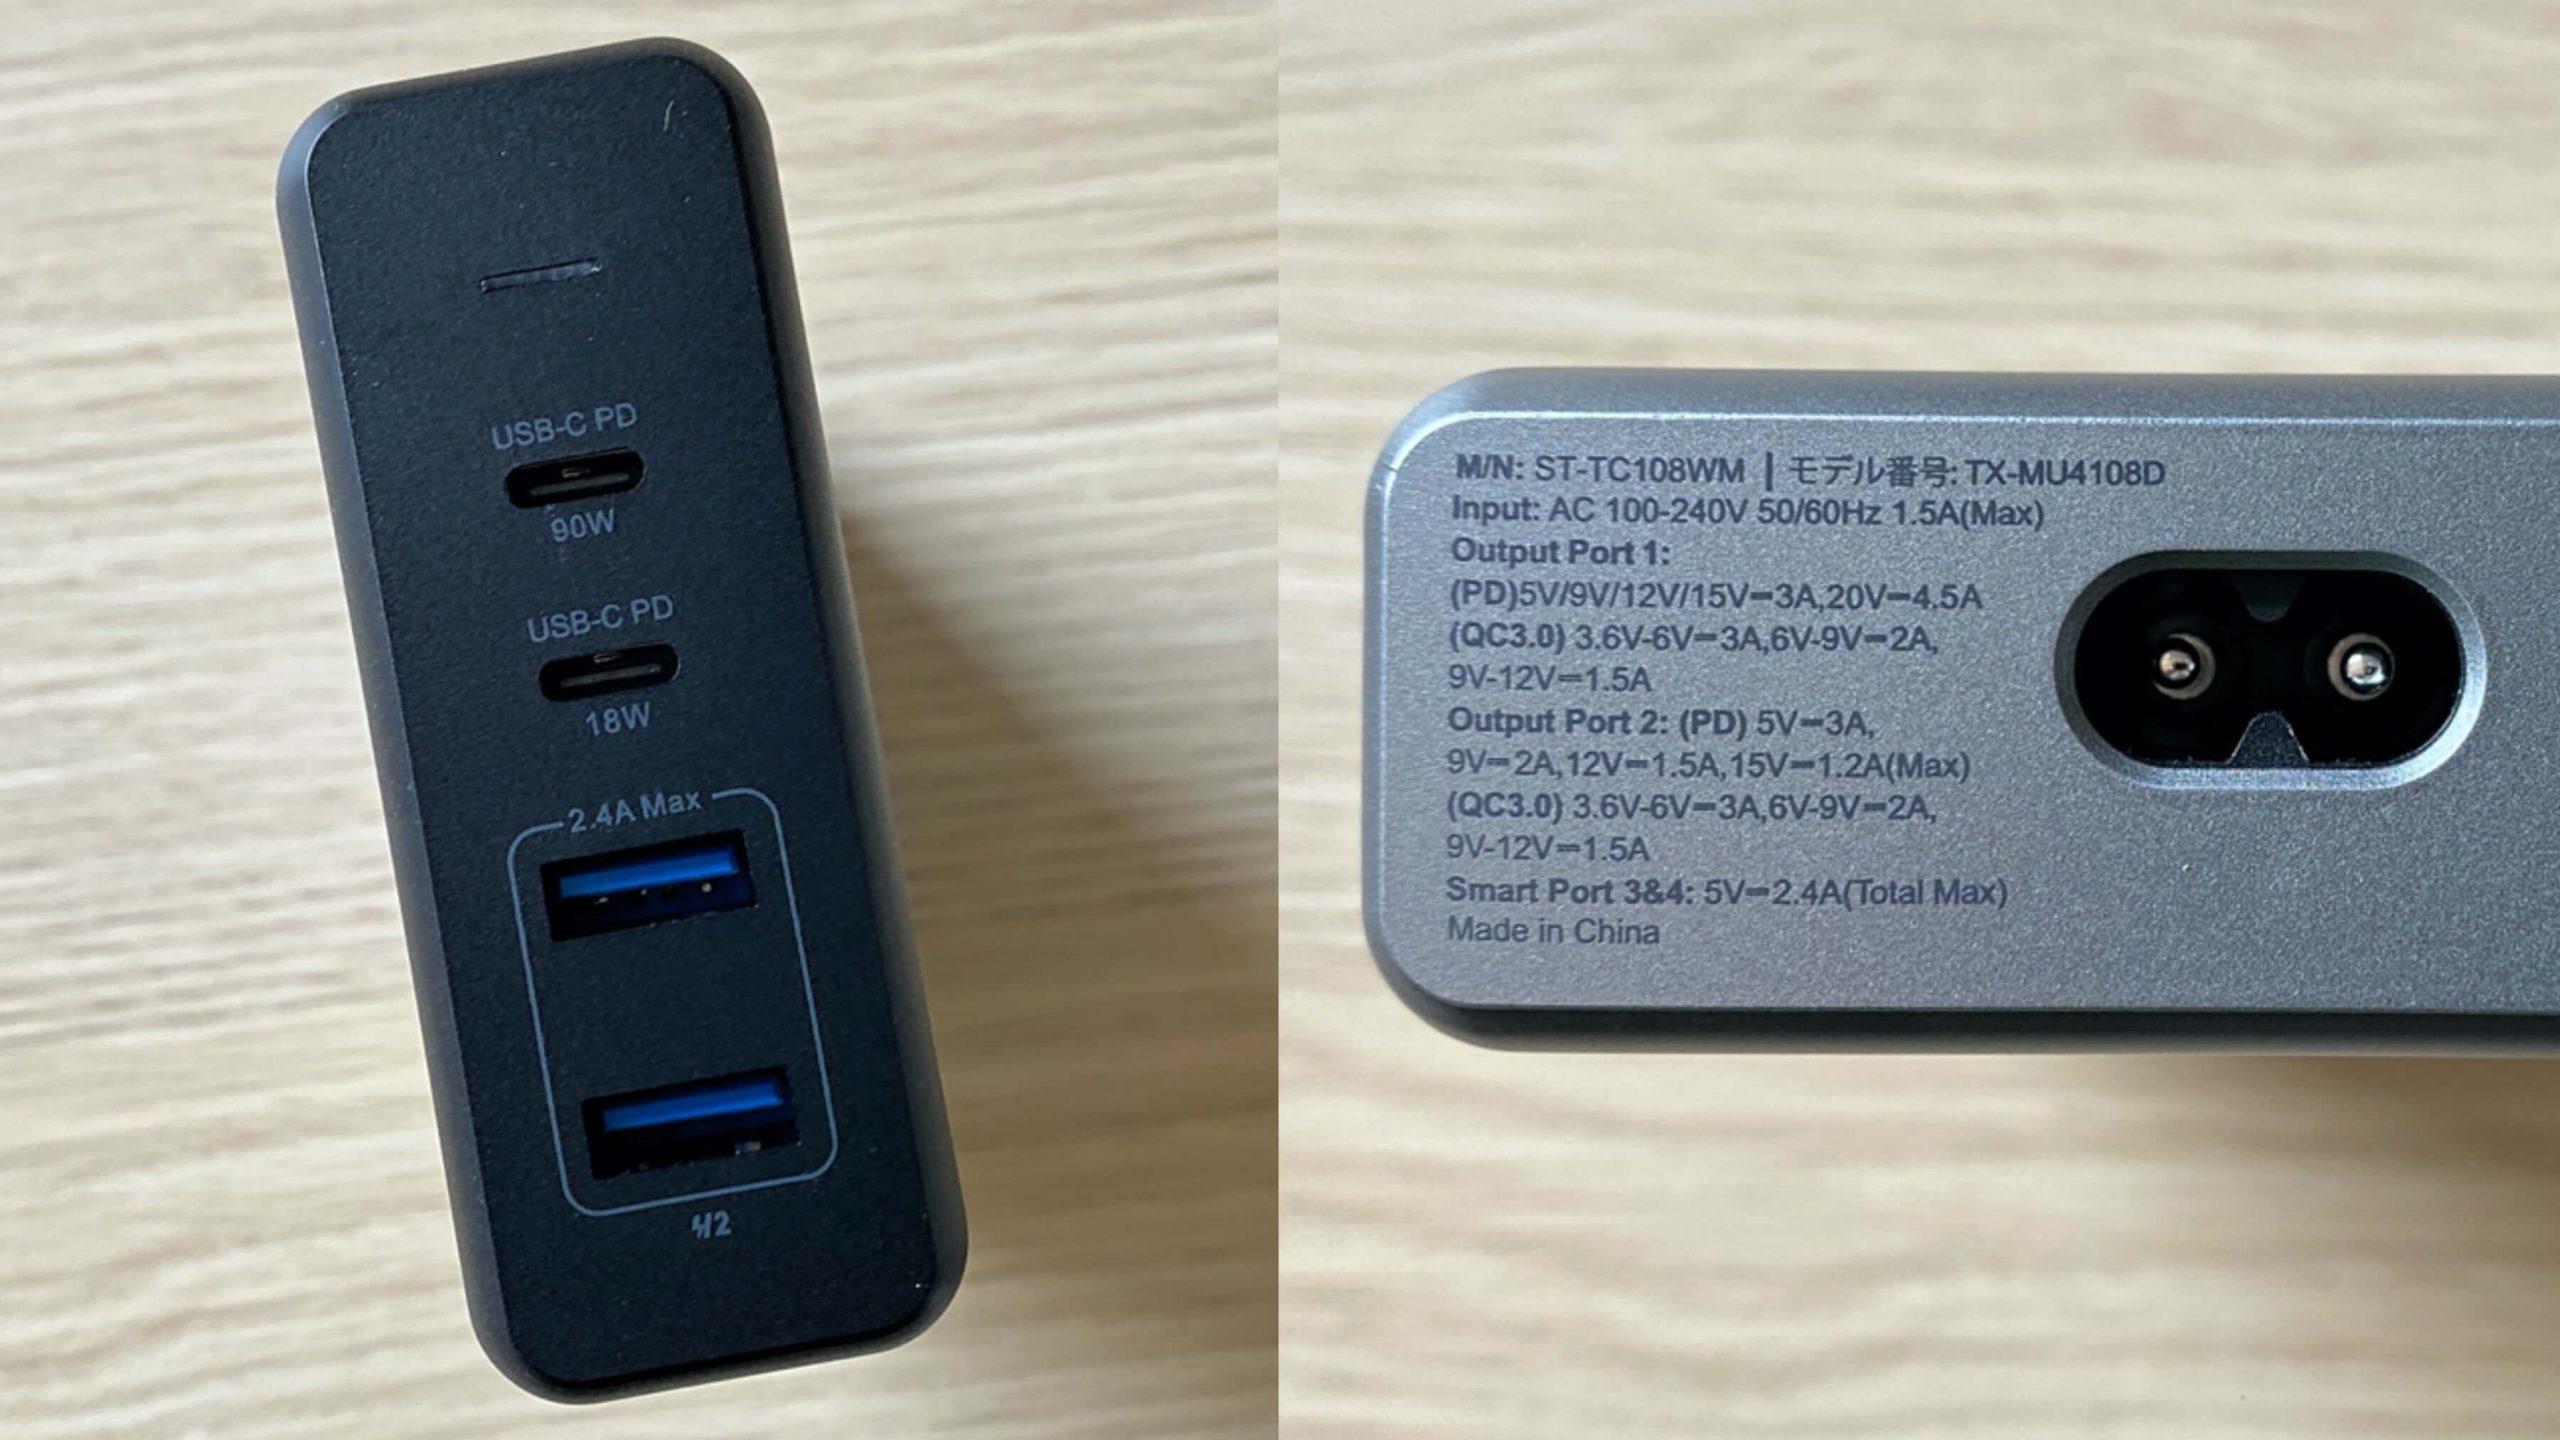 SATECHI-108W-Pro-USB-C-PD-Desktop-Ladegerät1-scaled Satechi Desktopladegerät - satte 108 Watt via USB-C Power Delivery